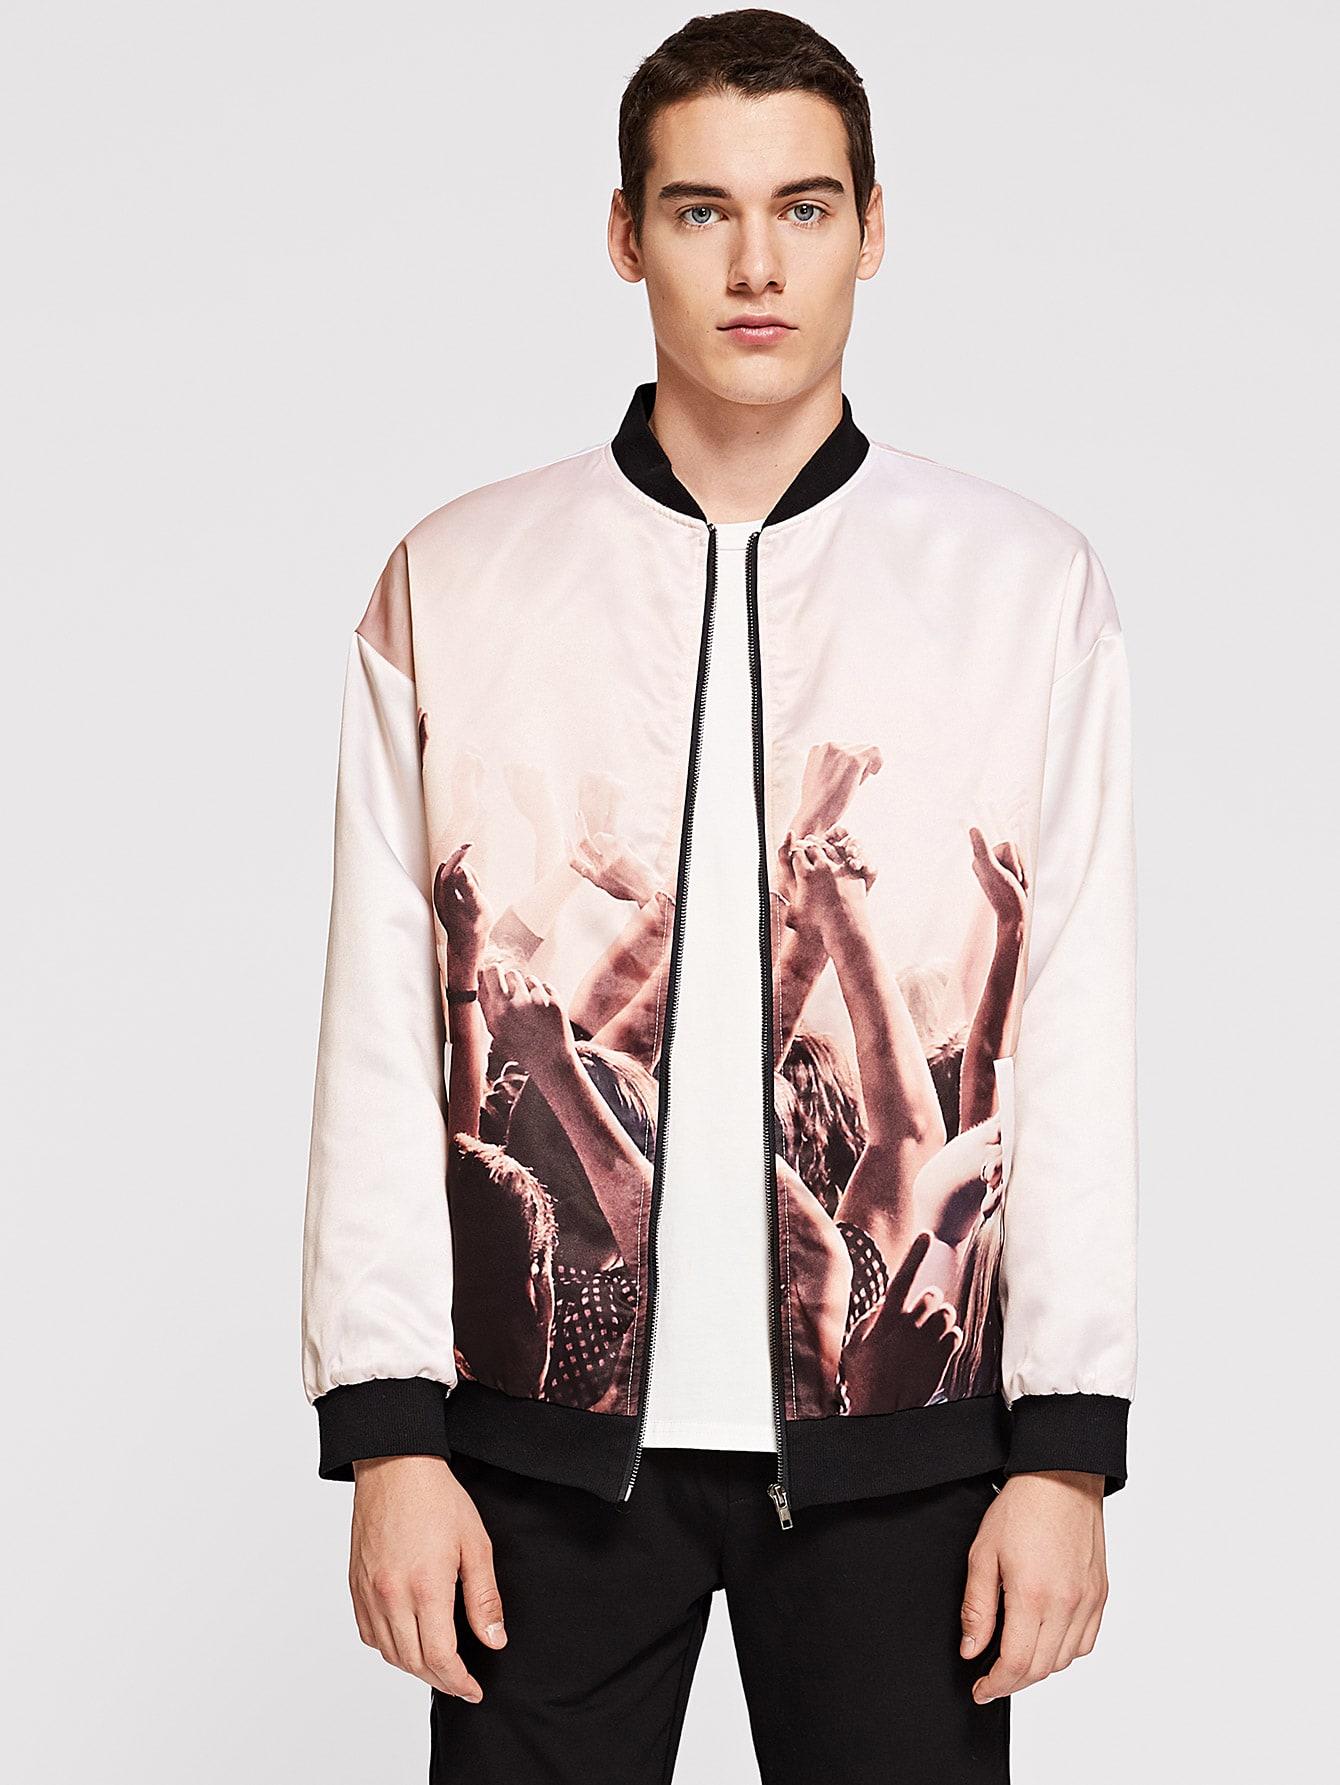 Купить Мужская куртка на молнии с графическим принтом, Misha, SheIn